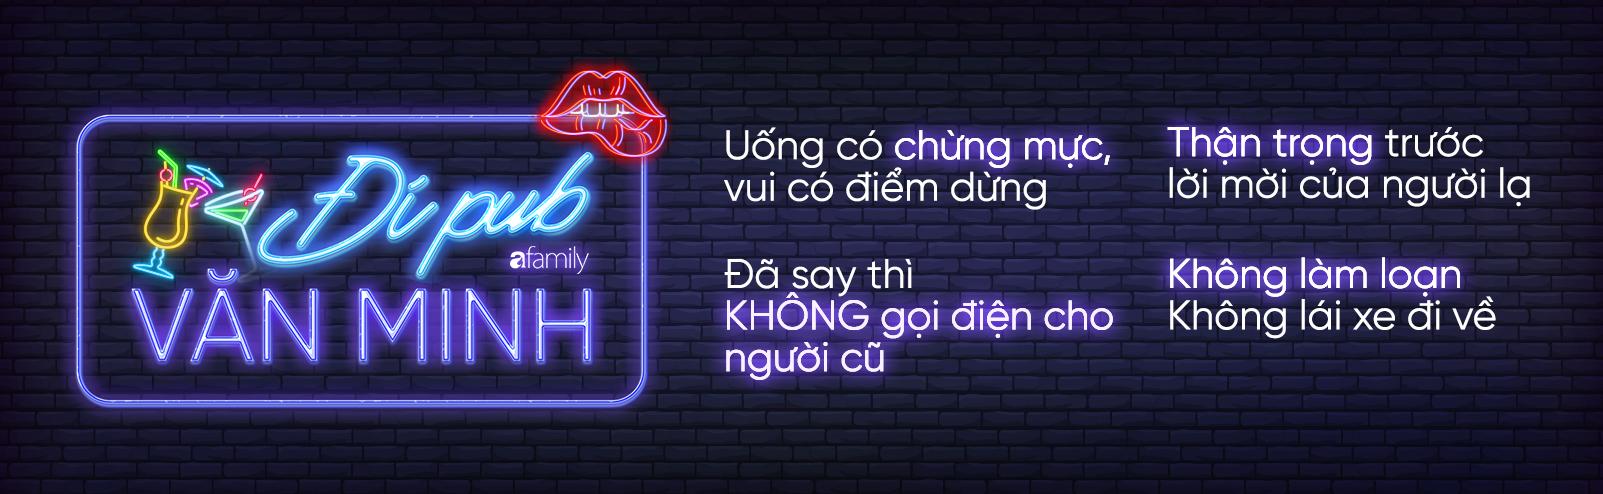 """Cứ đến cuối tuần là tâm trạng lại """"tan chậm"""", Hà Nội có 4 quán pub vừa tình vừa chill giúp chị em giải khuây, lúc đi hết mình lúc về hết buồn - Ảnh 16."""